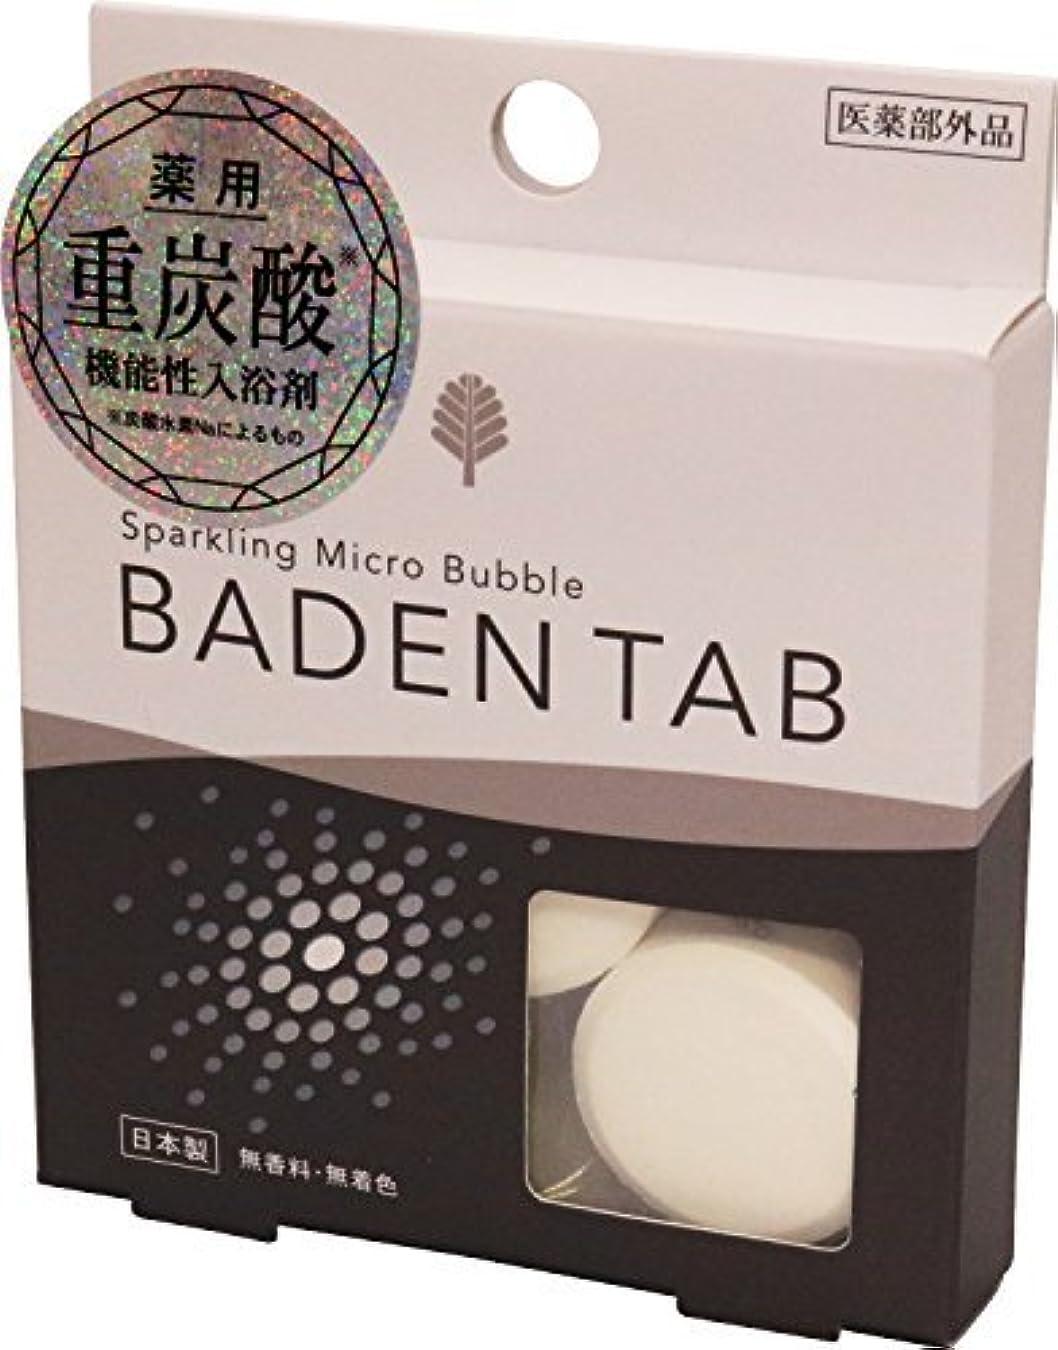 マチュピチュ進化イソギンチャク日本製 made in japan 薬用BadenTab5錠1パック15gx5錠入 BT-8755 【まとめ買い12個セット】